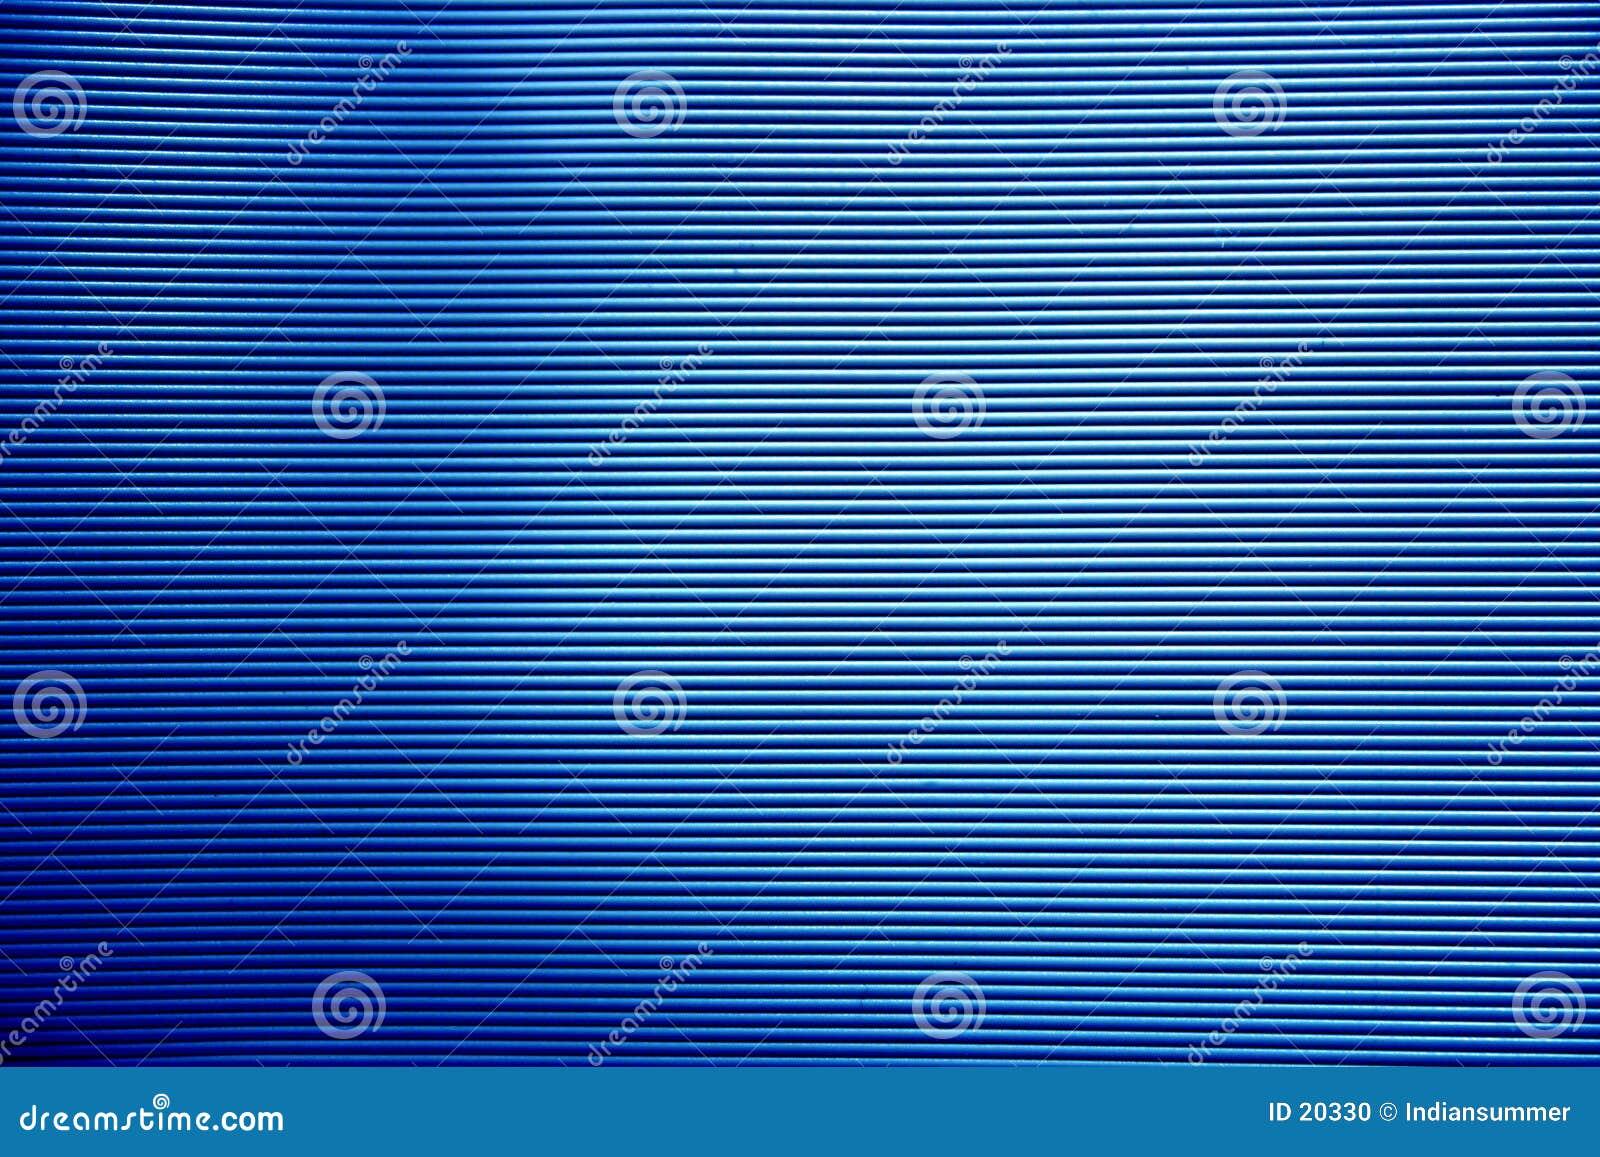 De draadtextuur II van de computer